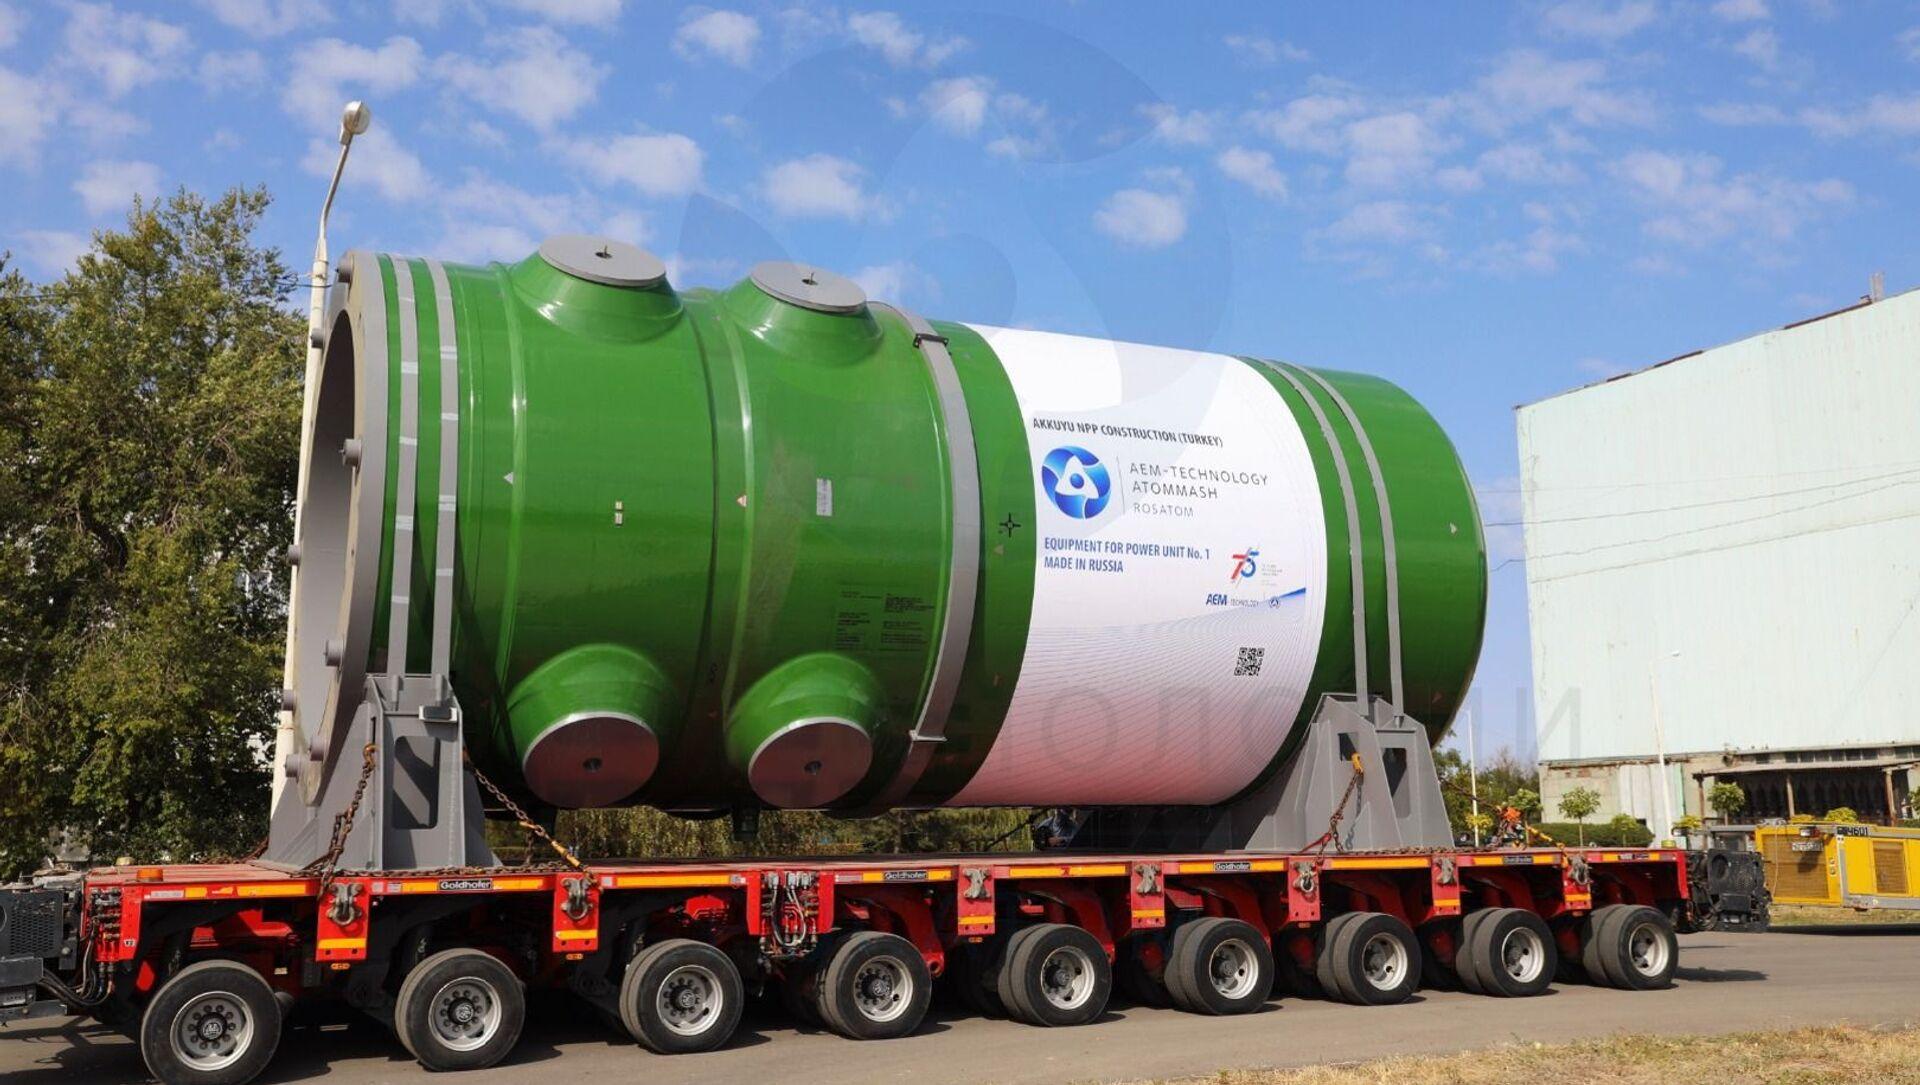 Akkuyu Nükleer Güç Santrali'nin yapımı süren 1 no'lu güç ünitesi için üretilen reaktör kabı - Sputnik Türkiye, 1920, 26.07.2021